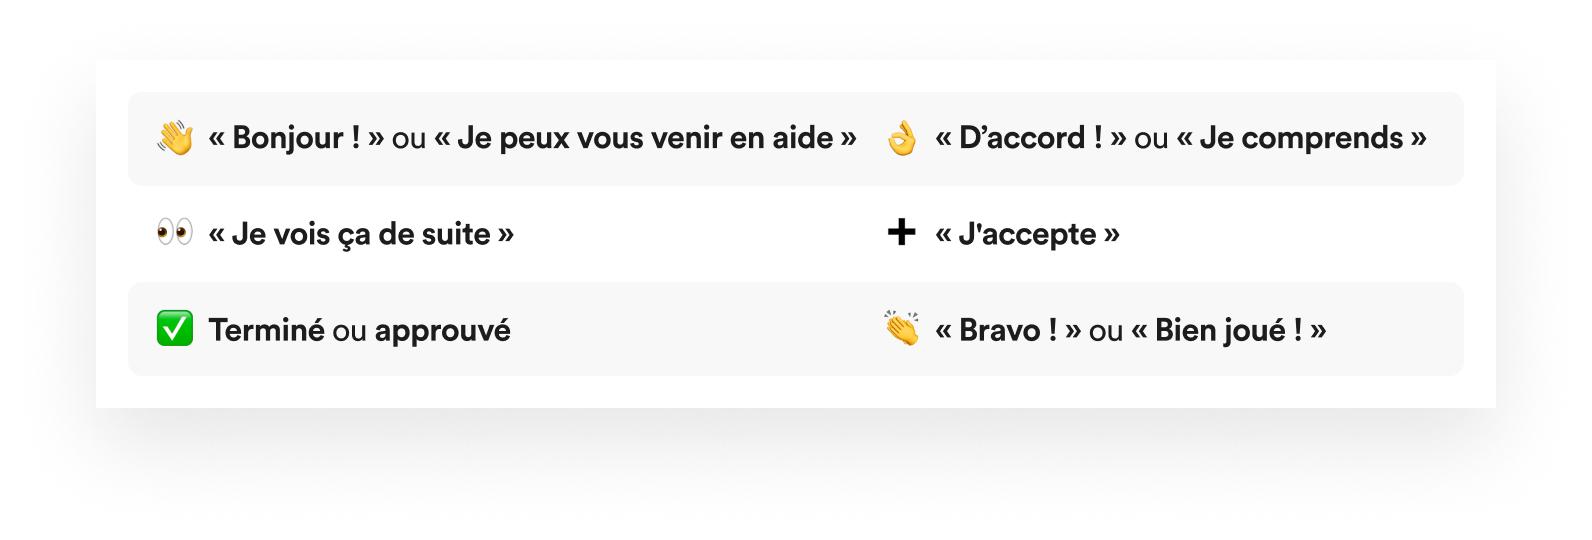 Exemple d'emploi d'émojis communs dans Slack avec leur signification